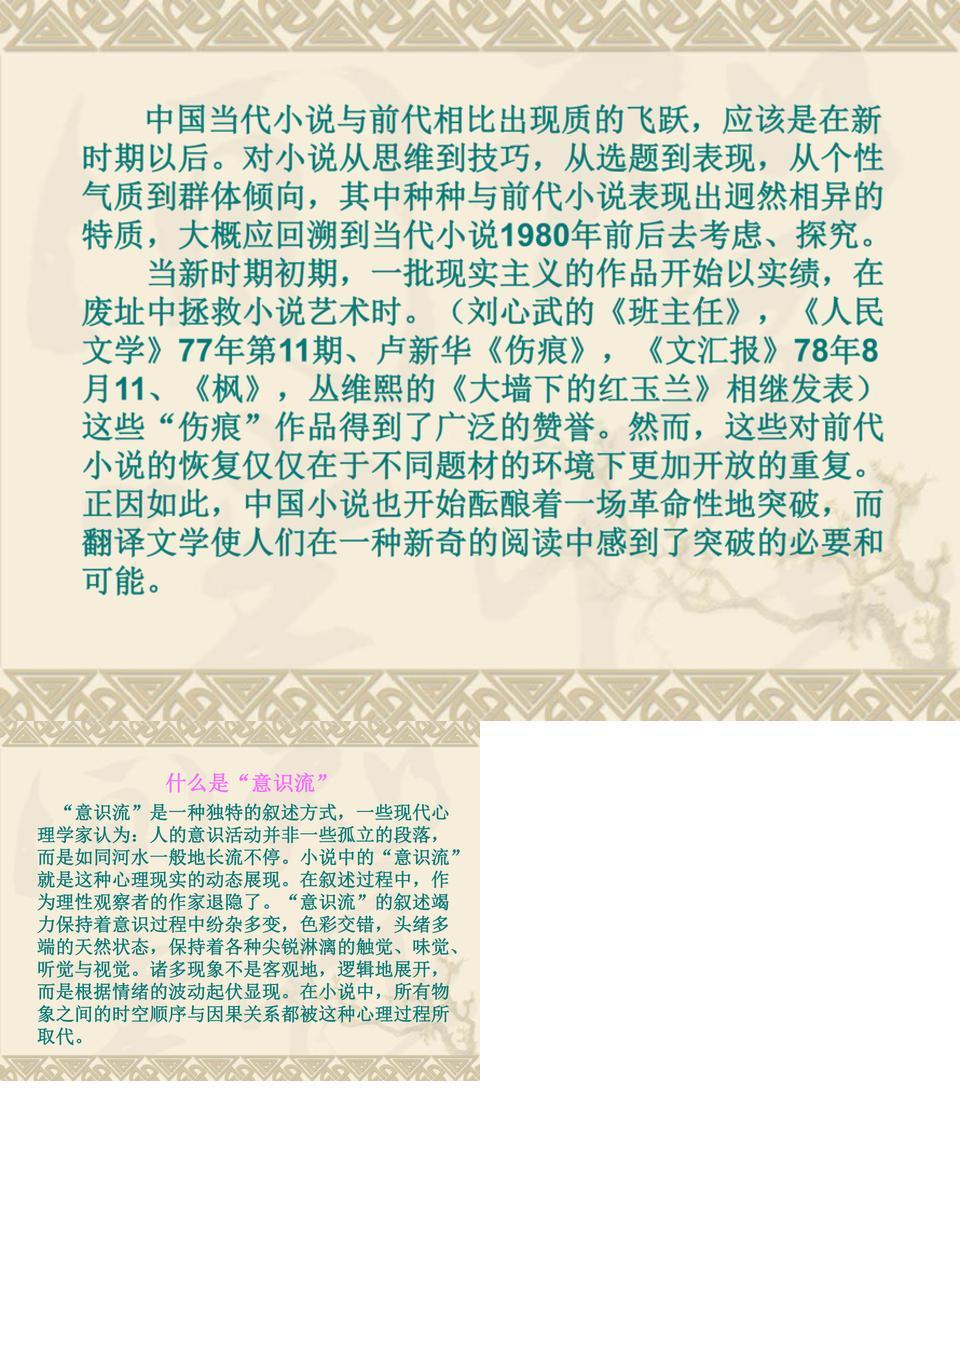 王蒙的意识流小说.ppt